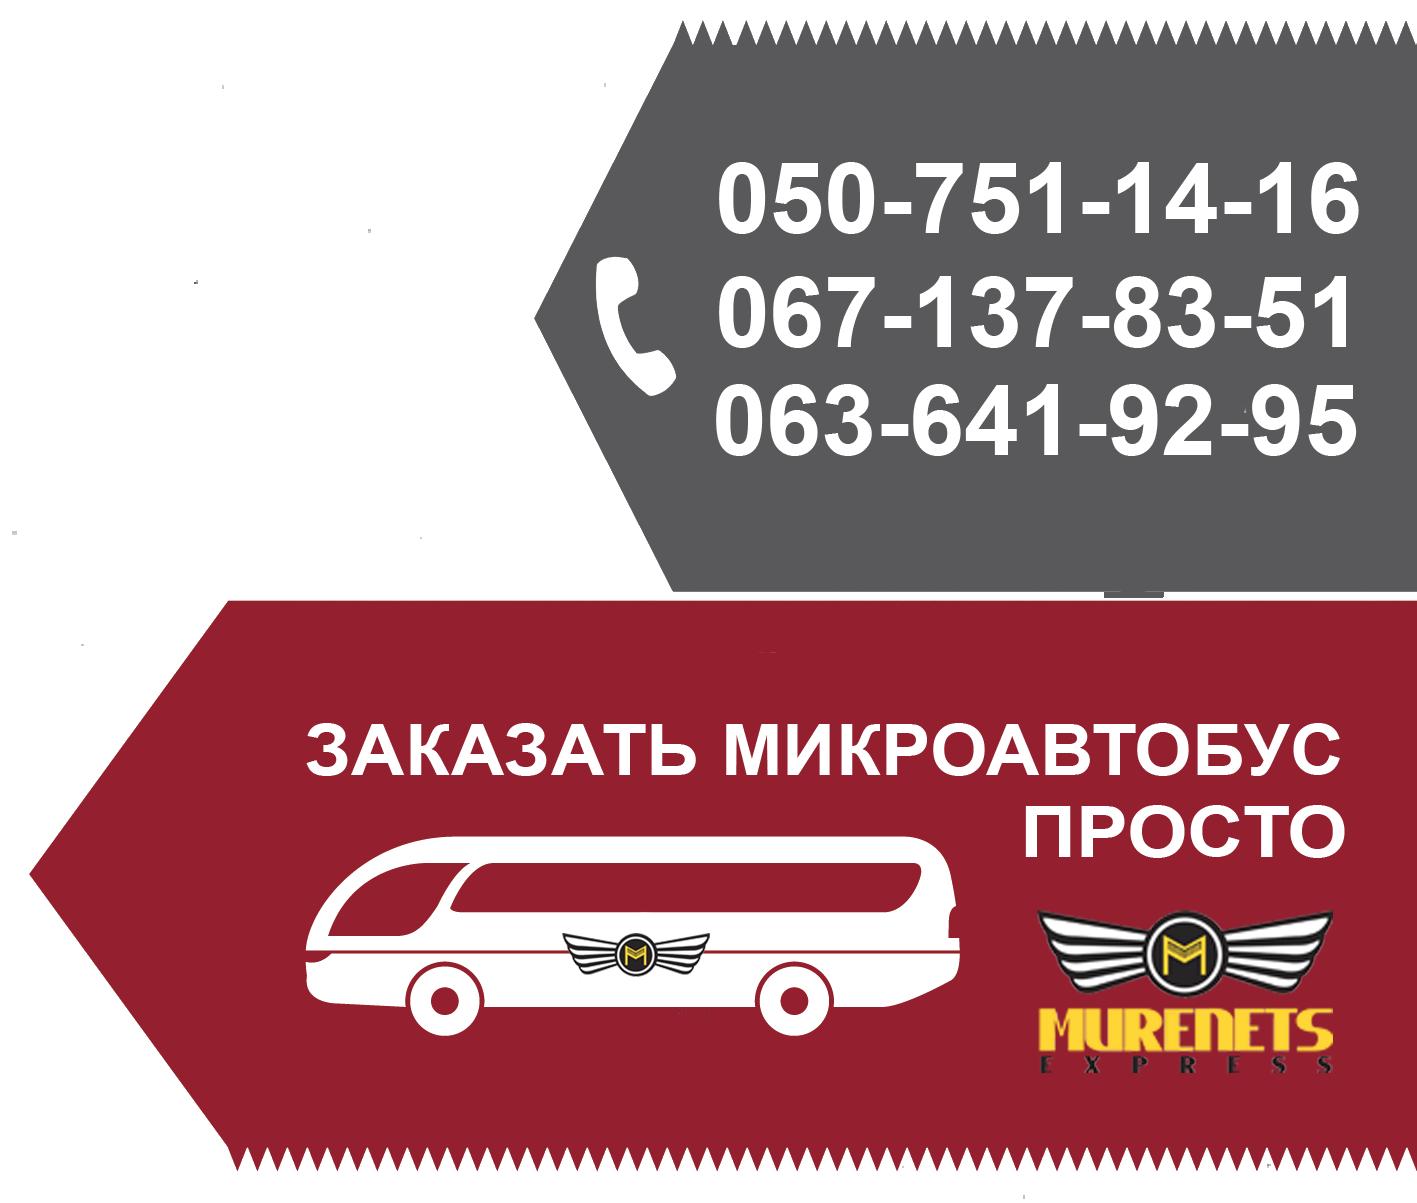 Заказ микроавтобуса в Харькове